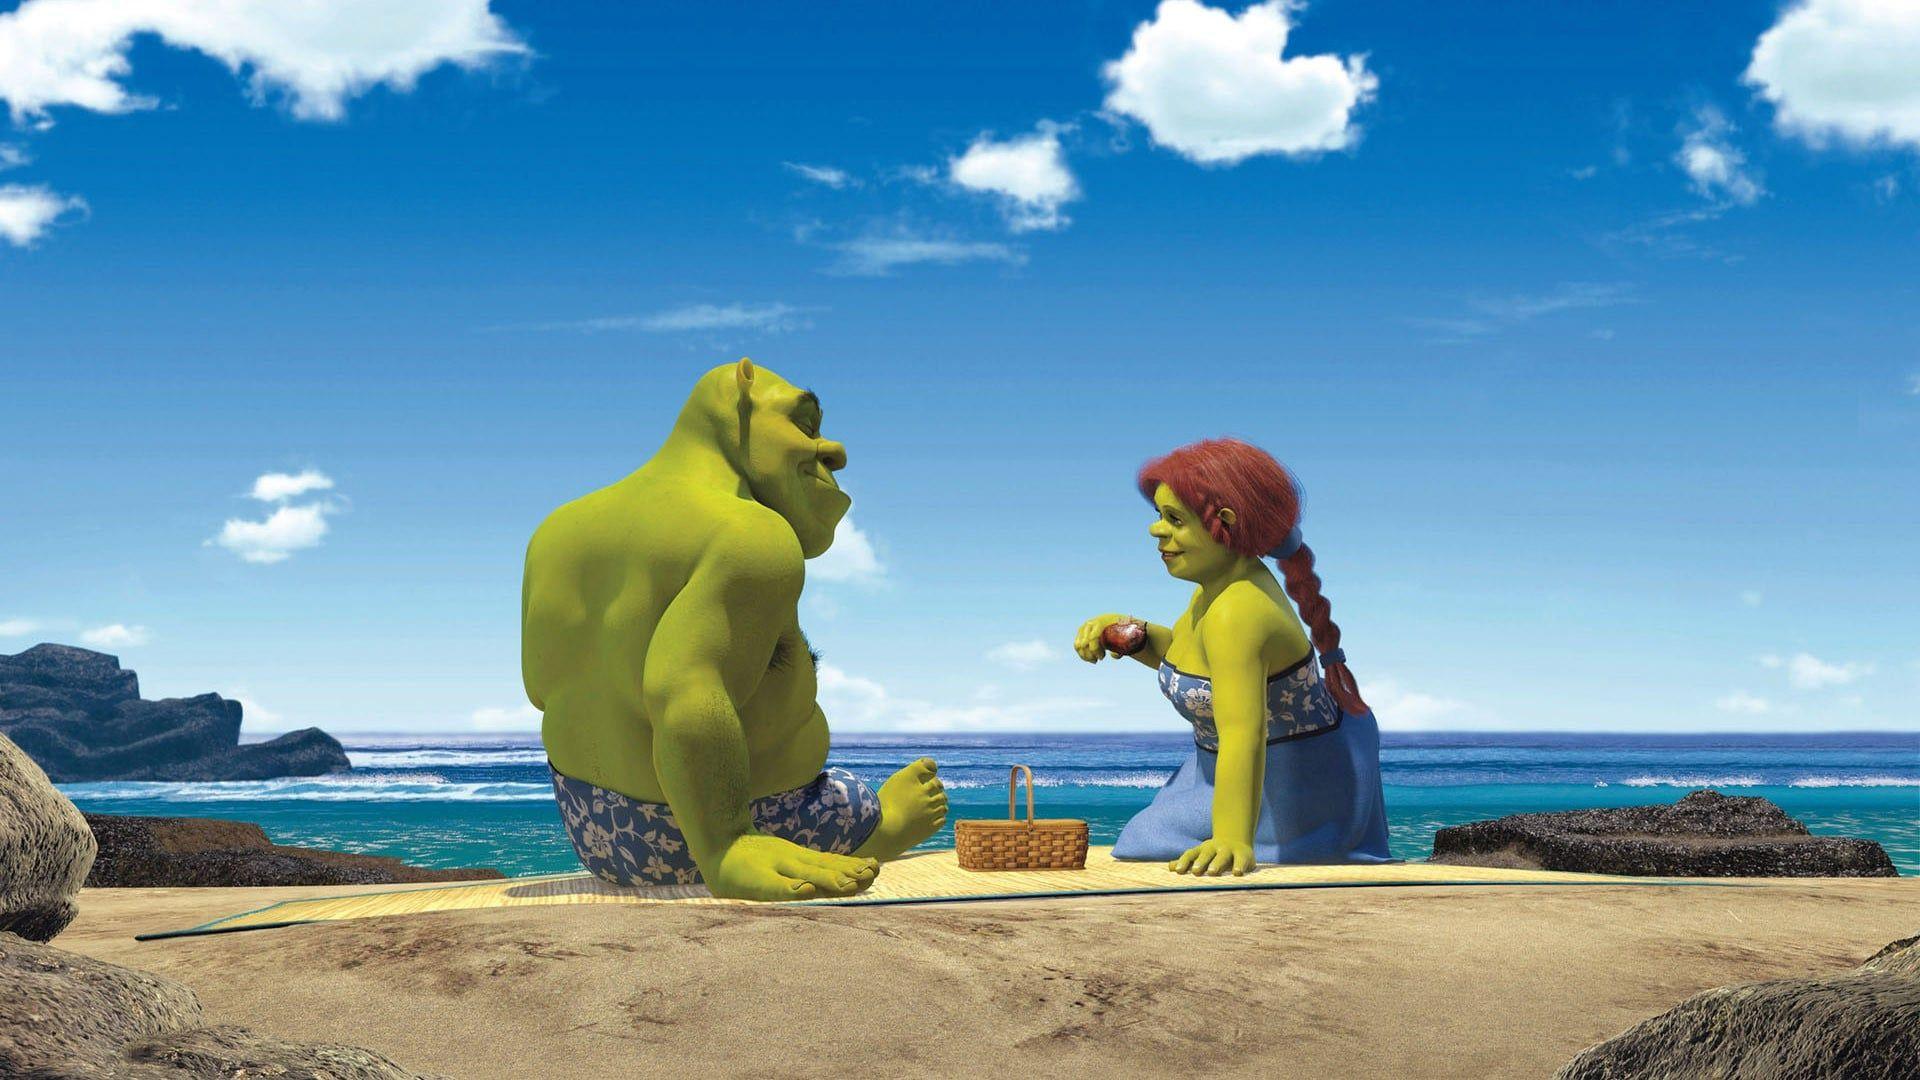 Shrek 2 2004 Streaming ITA cb01 film completo italiano altadefinizione Di  ritorno dalle nozze Shrek e Fiona vengono invitati a… | Shrek, Dreamworks,  Animated movies